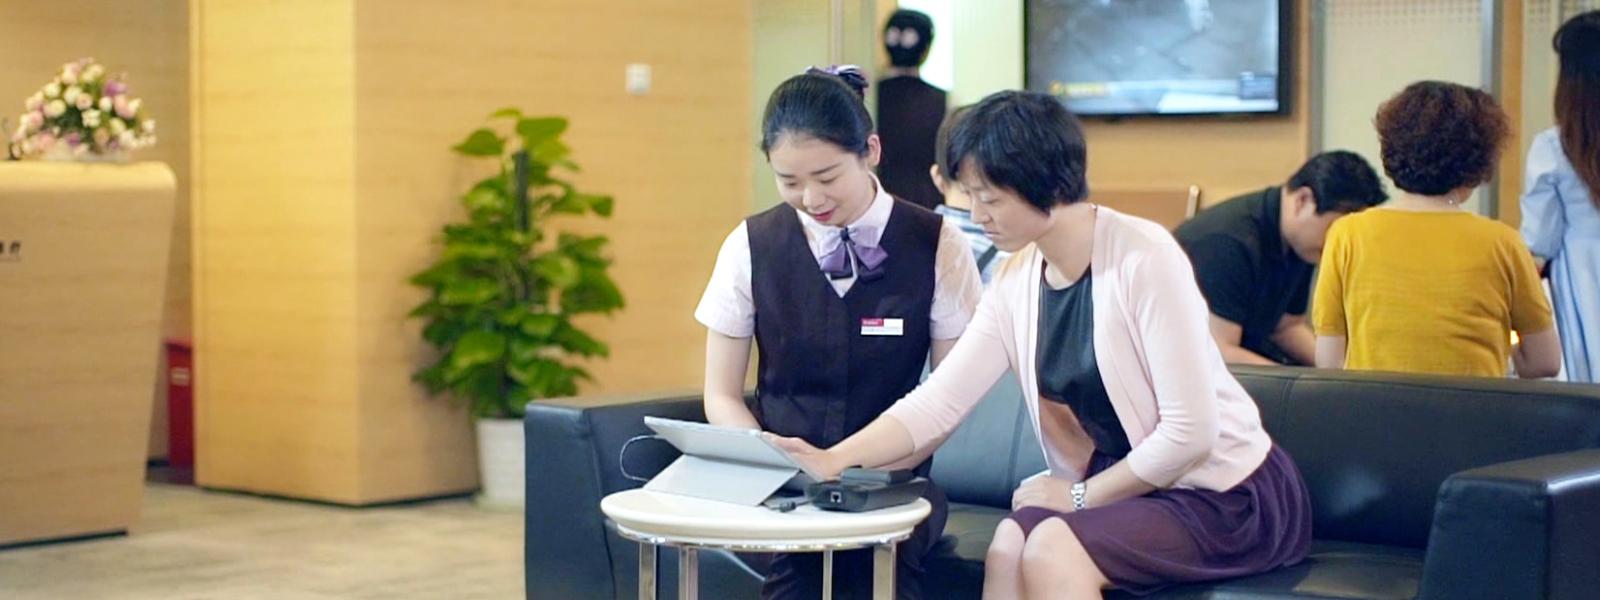 Image of employees at China Merchants Bank.